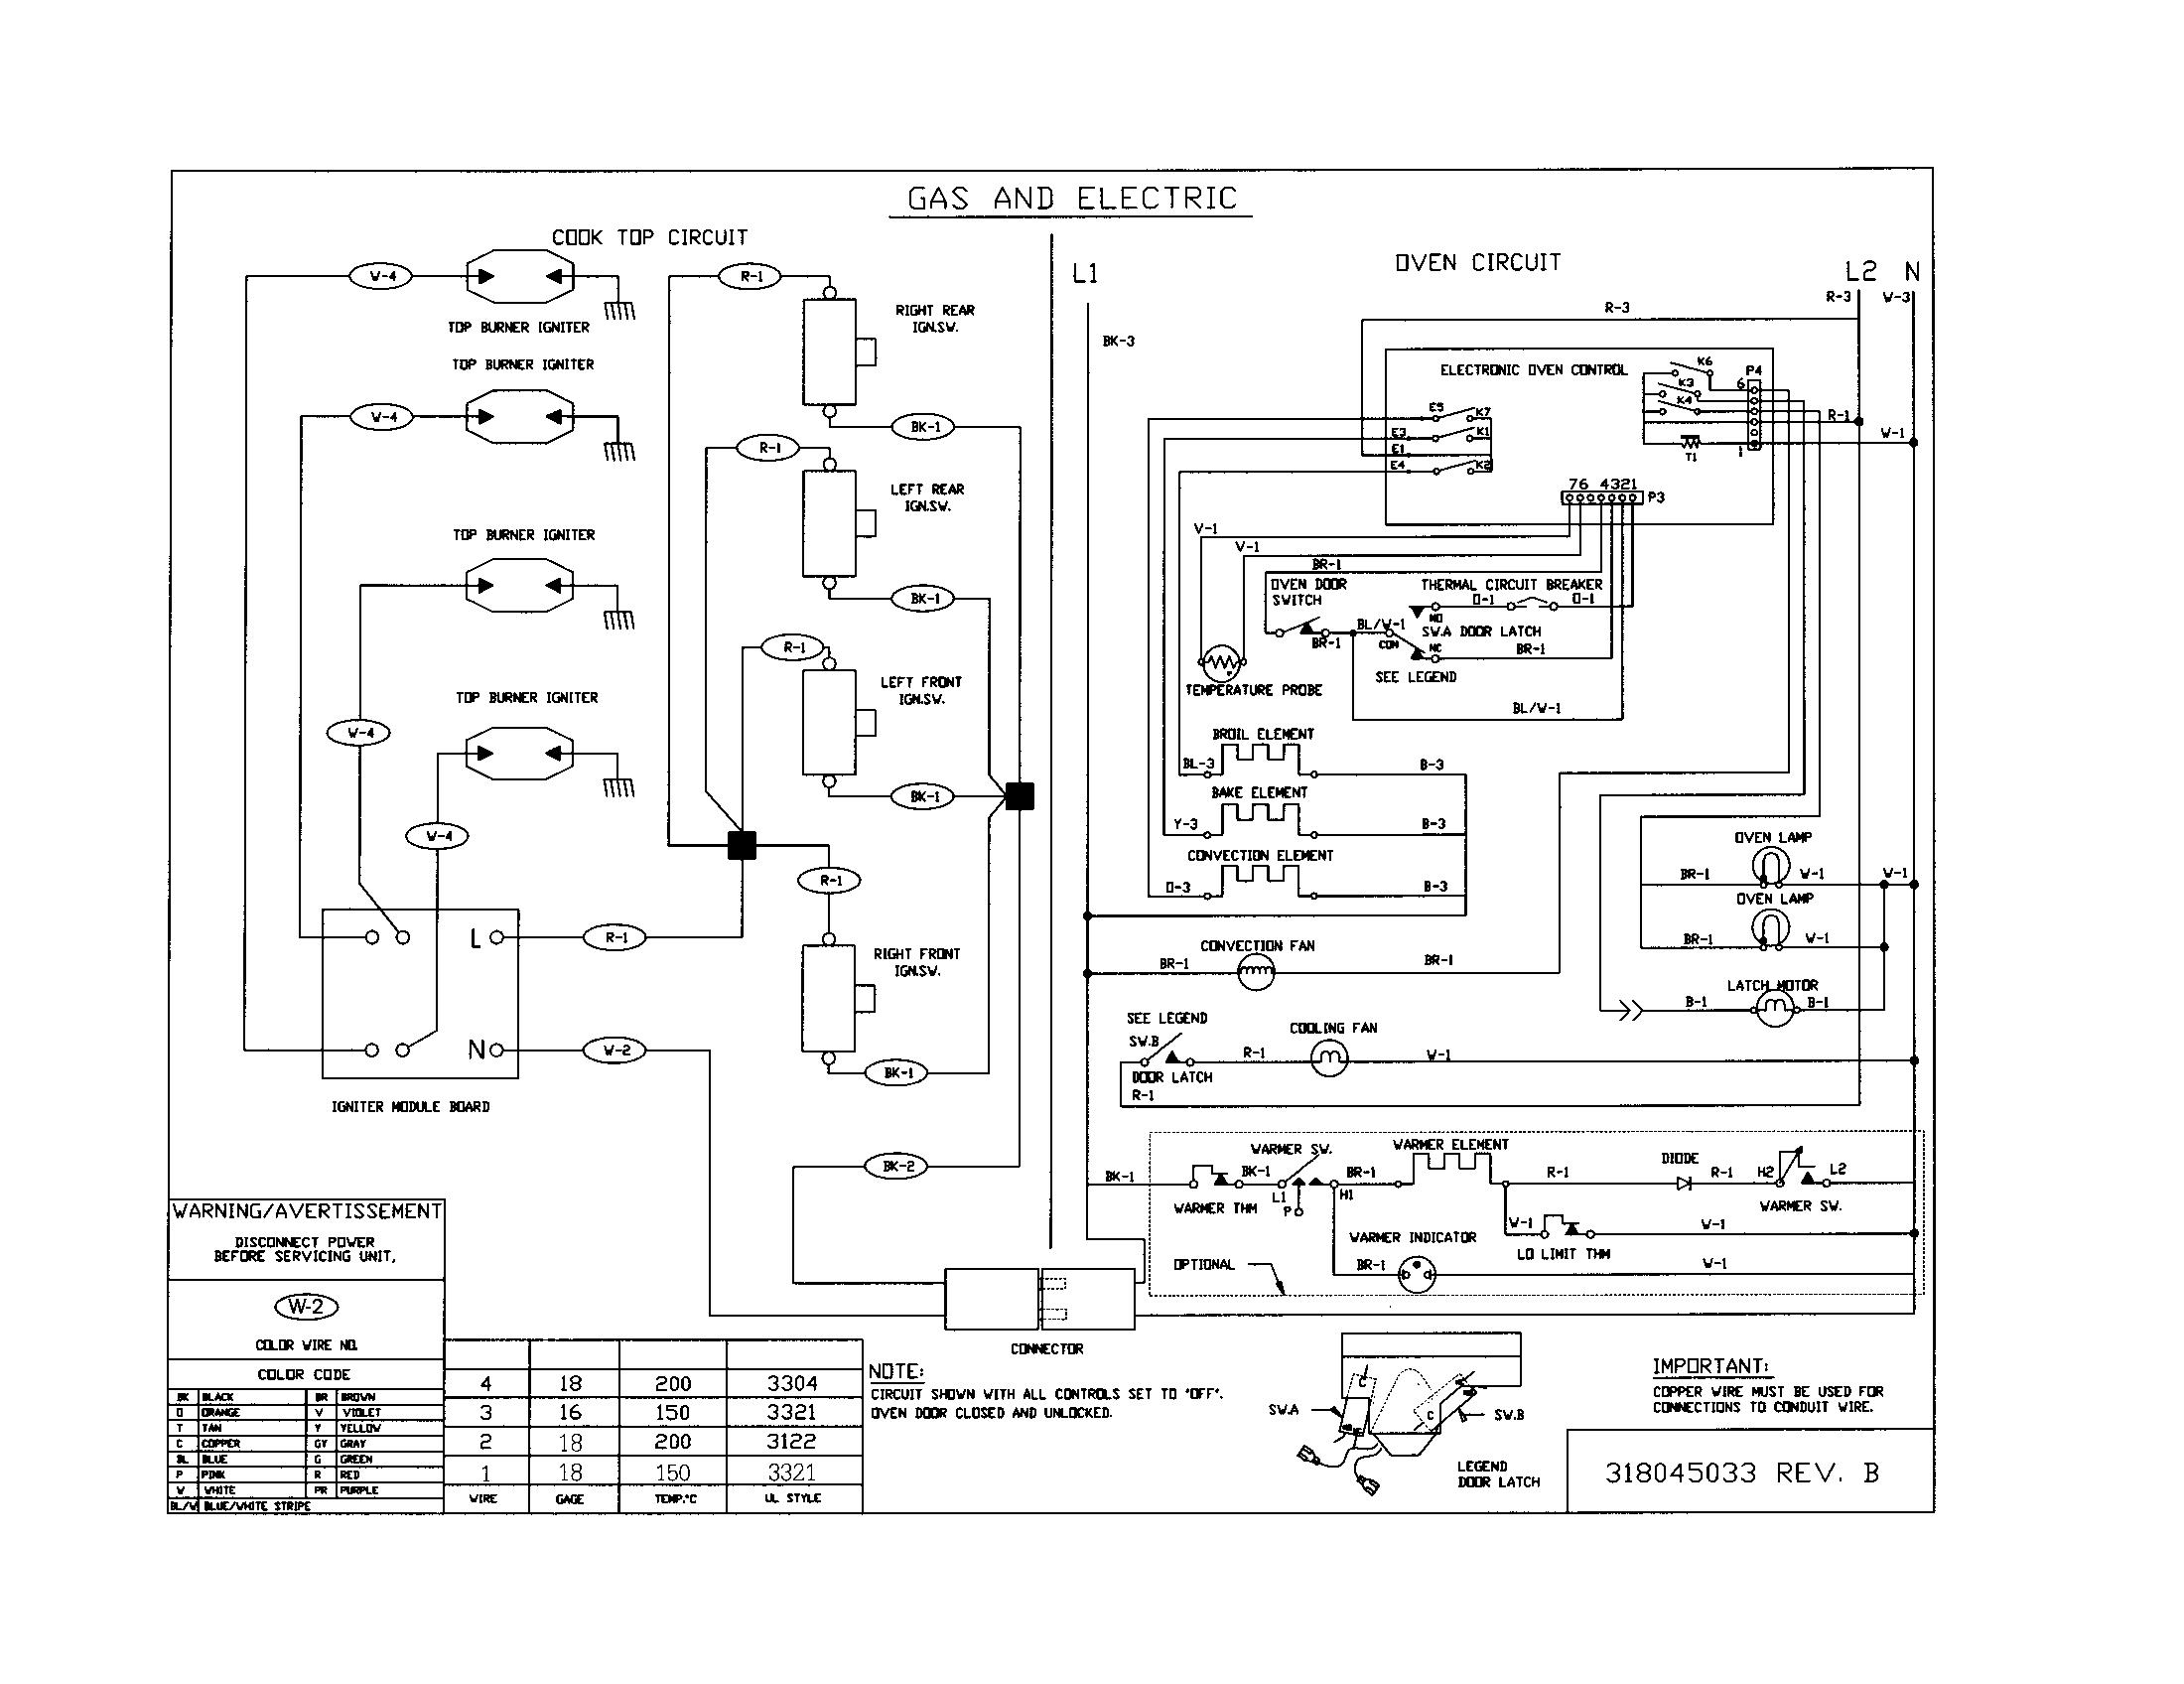 Kenmore Stove Manual C970